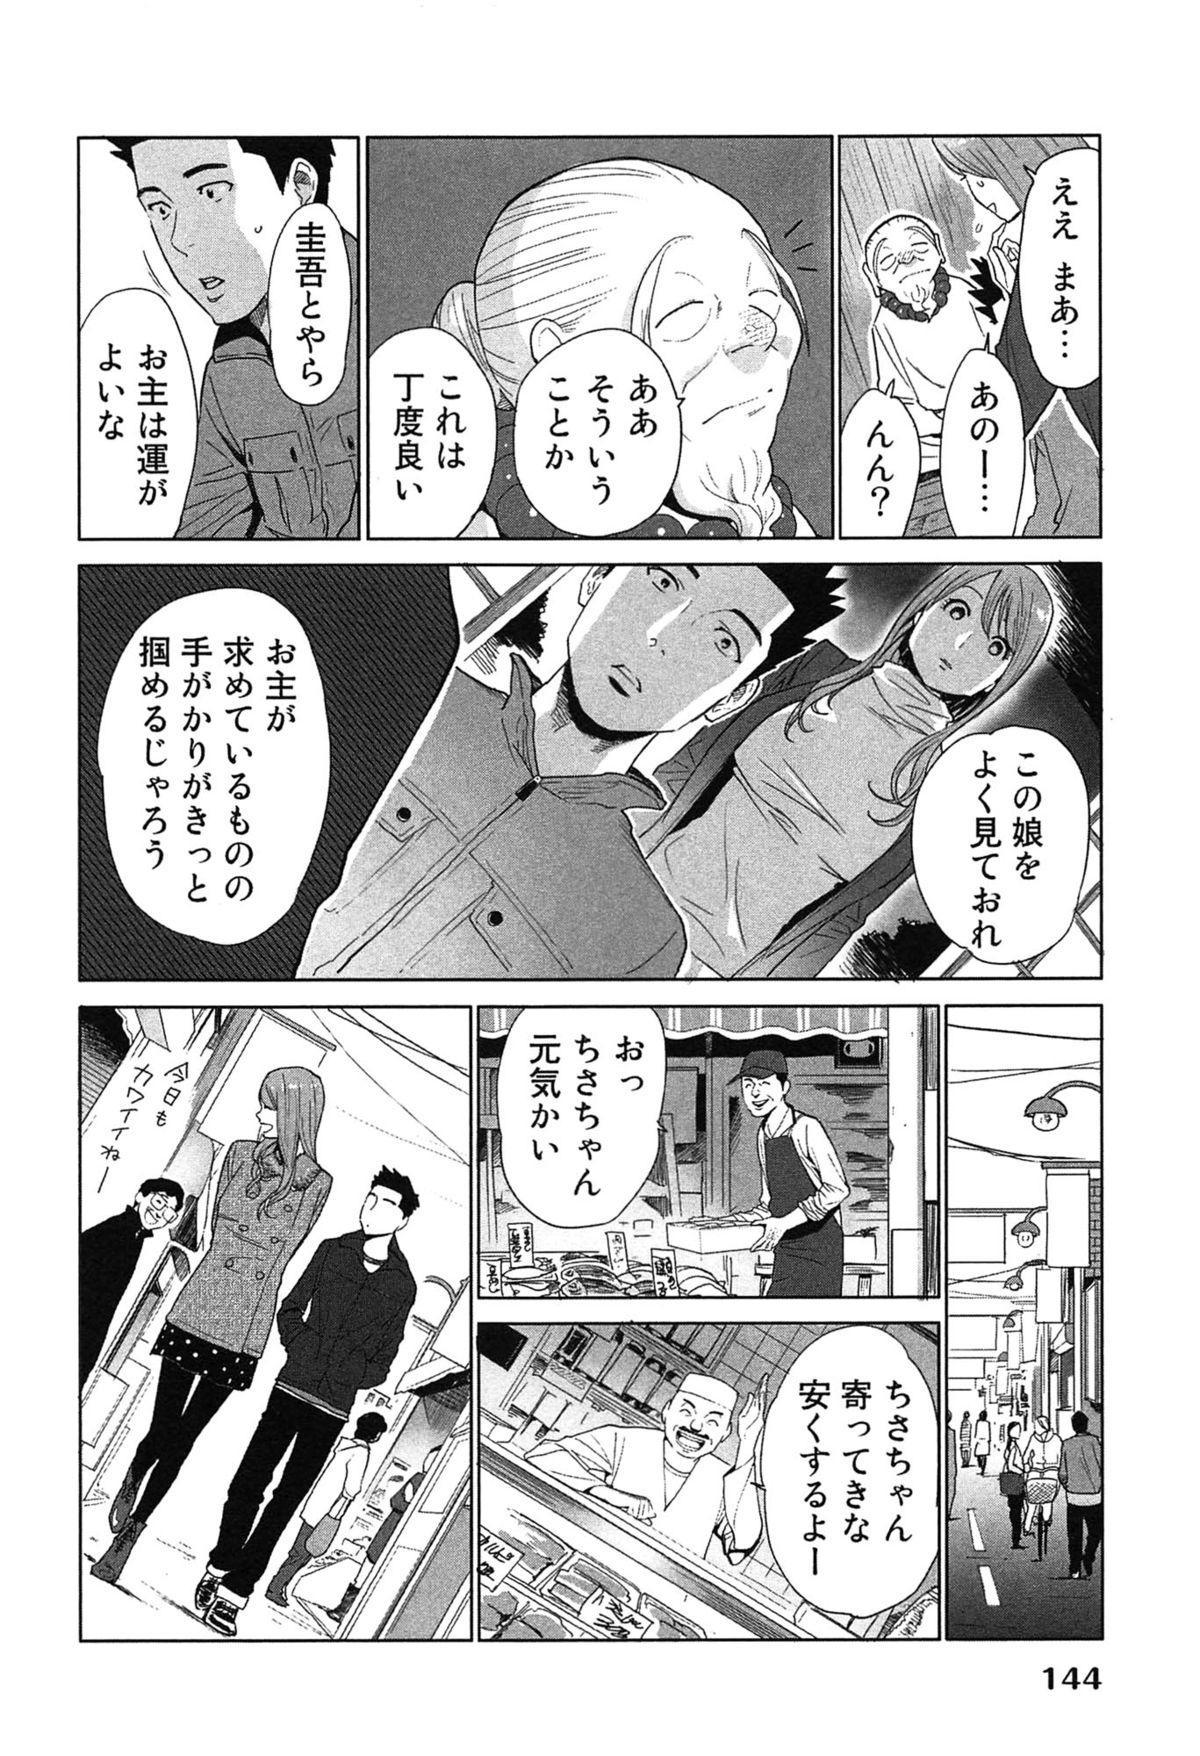 Megami to Ichinen Kura Shite Mita. 2 147